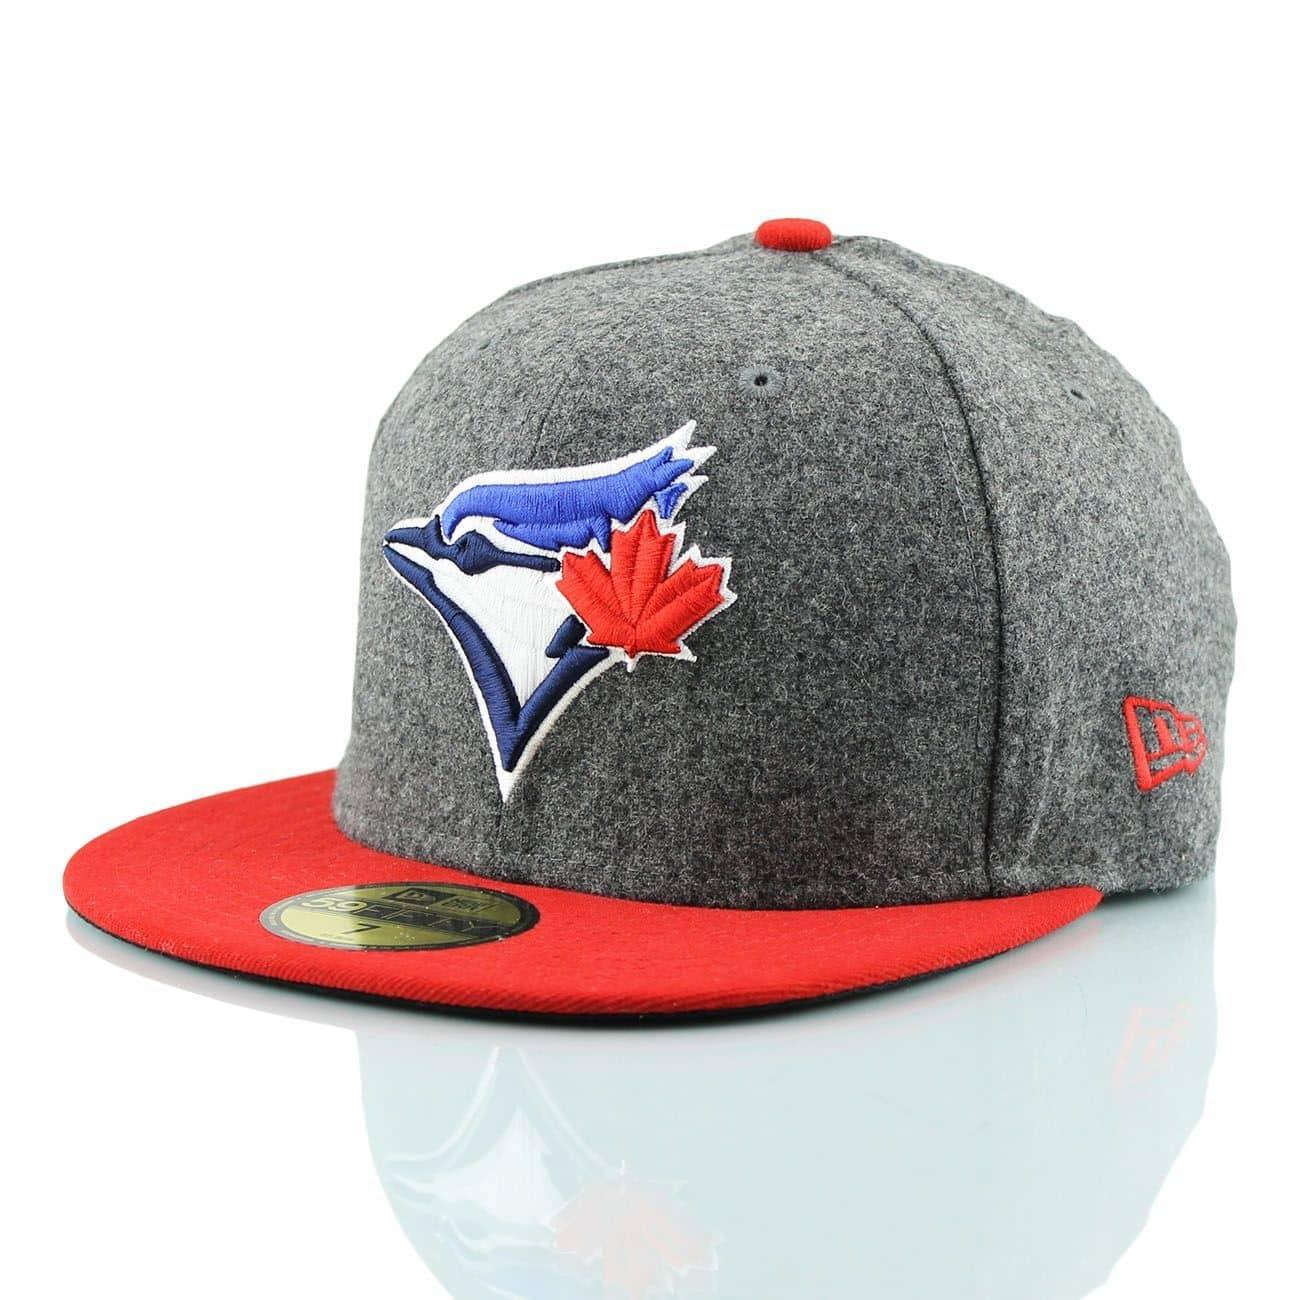 d985b9ab608 New Era Toronto Blue Jays Melton Basic 59FIFTY MLB Cap